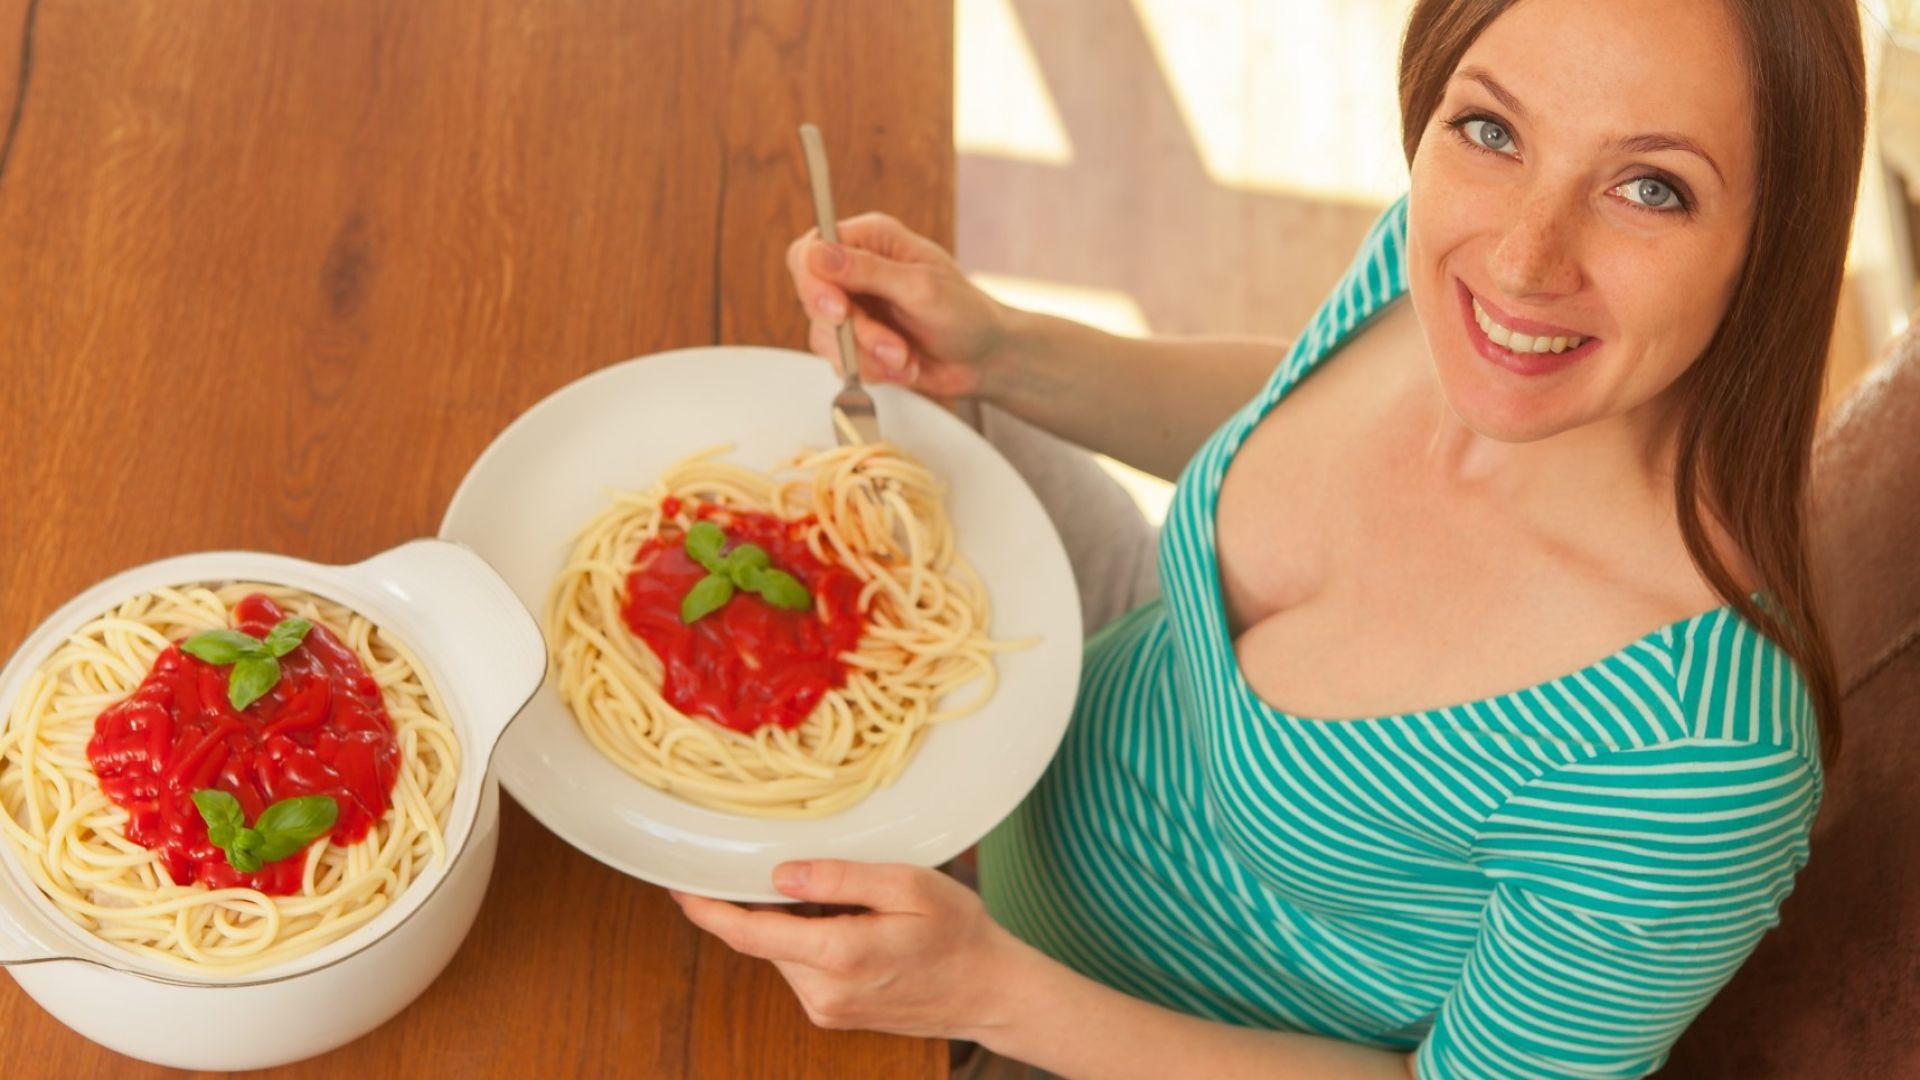 Хората изяждат два пъти повече храна от препоръчителните количества